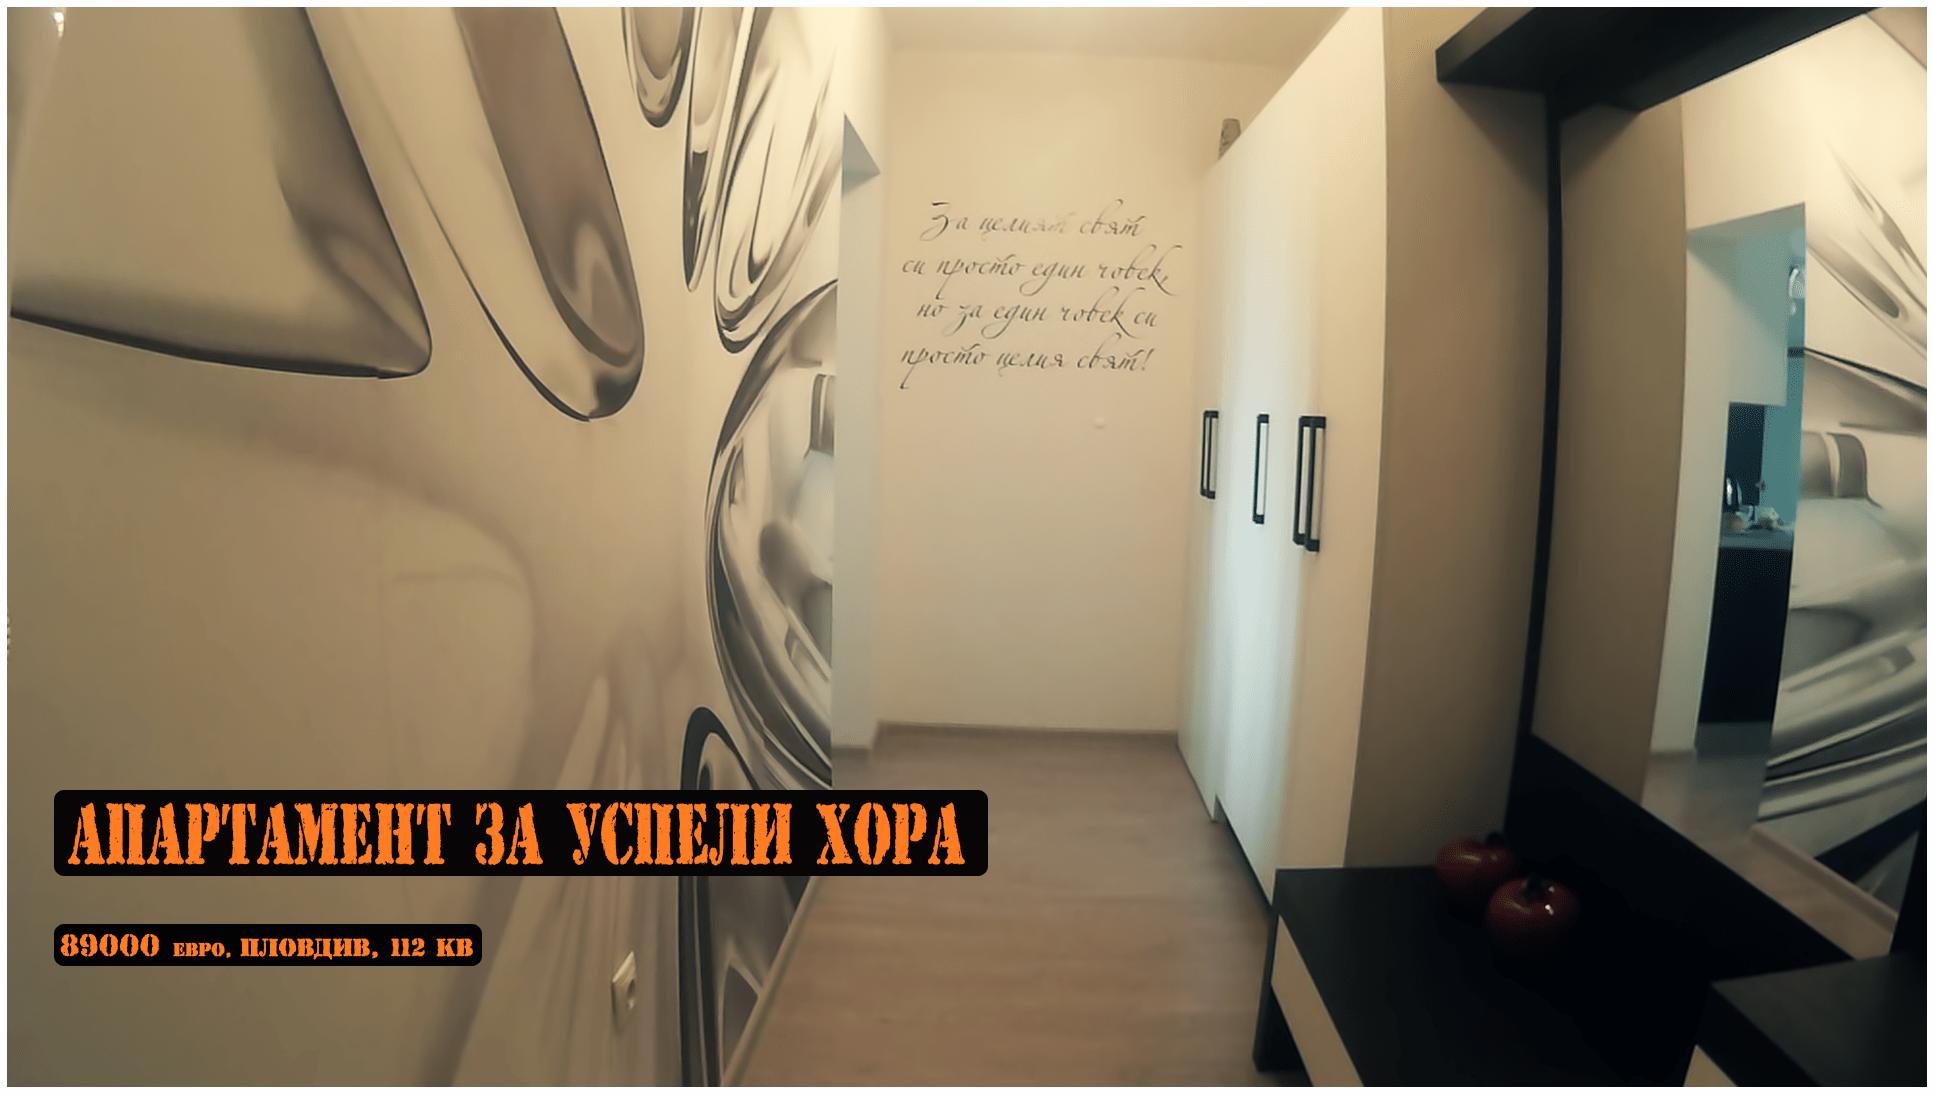 реклама апартамент